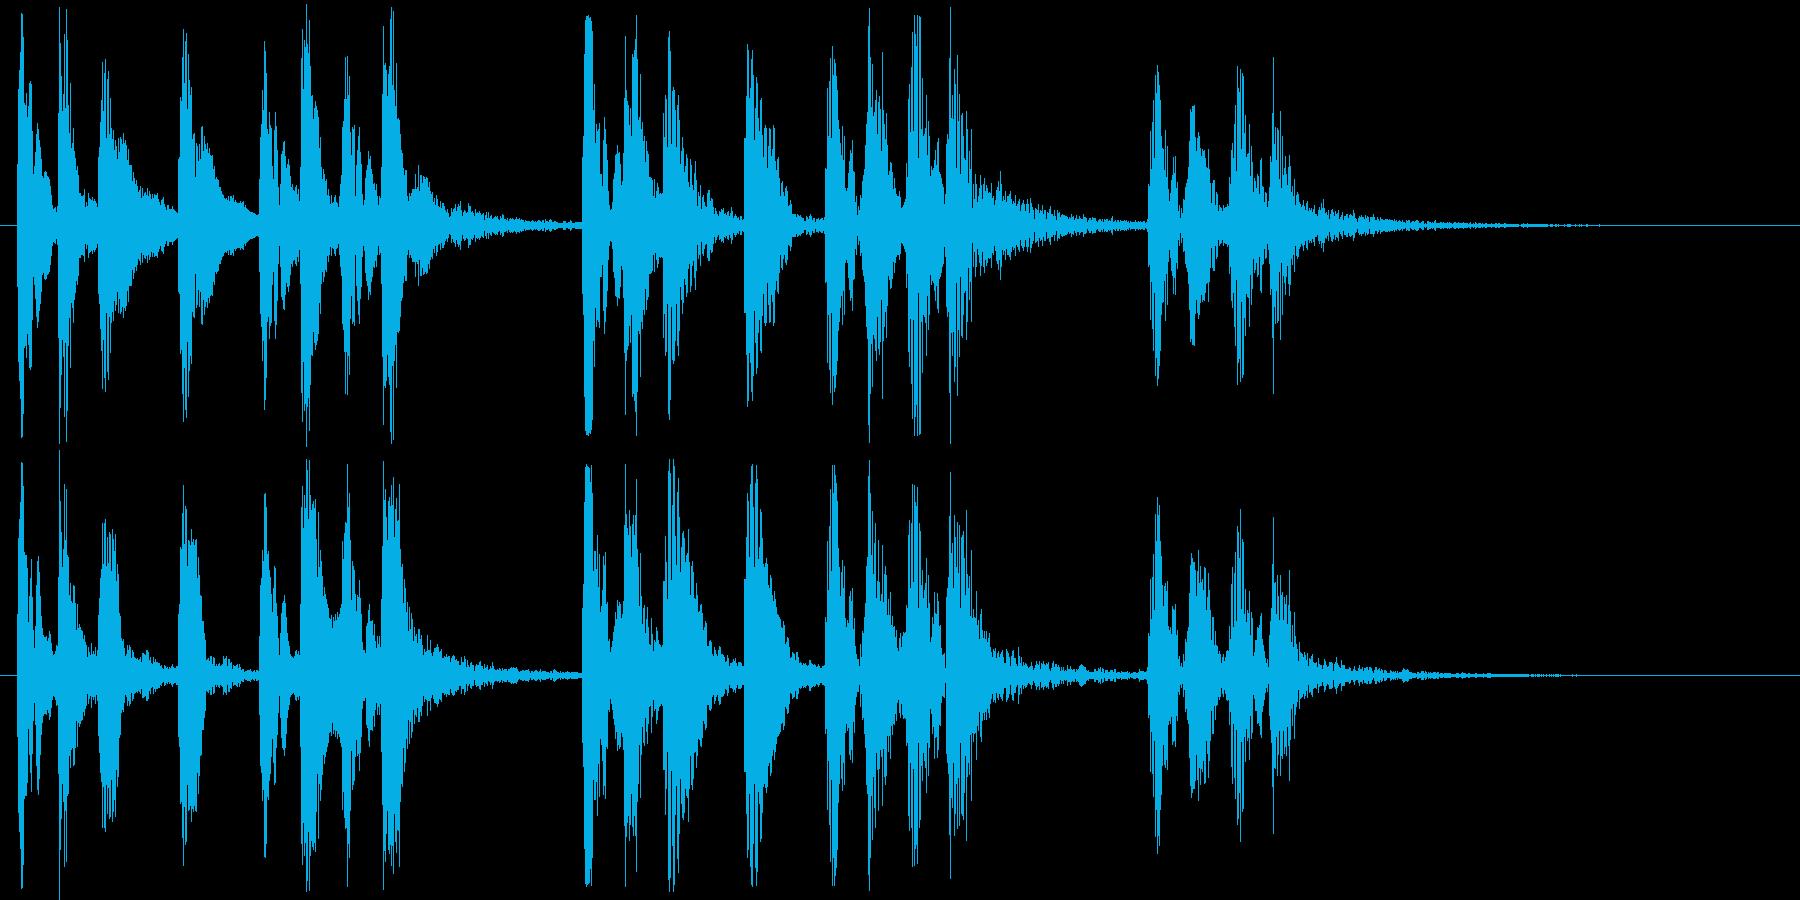 明るい弾みのあるピアノの効果音の再生済みの波形